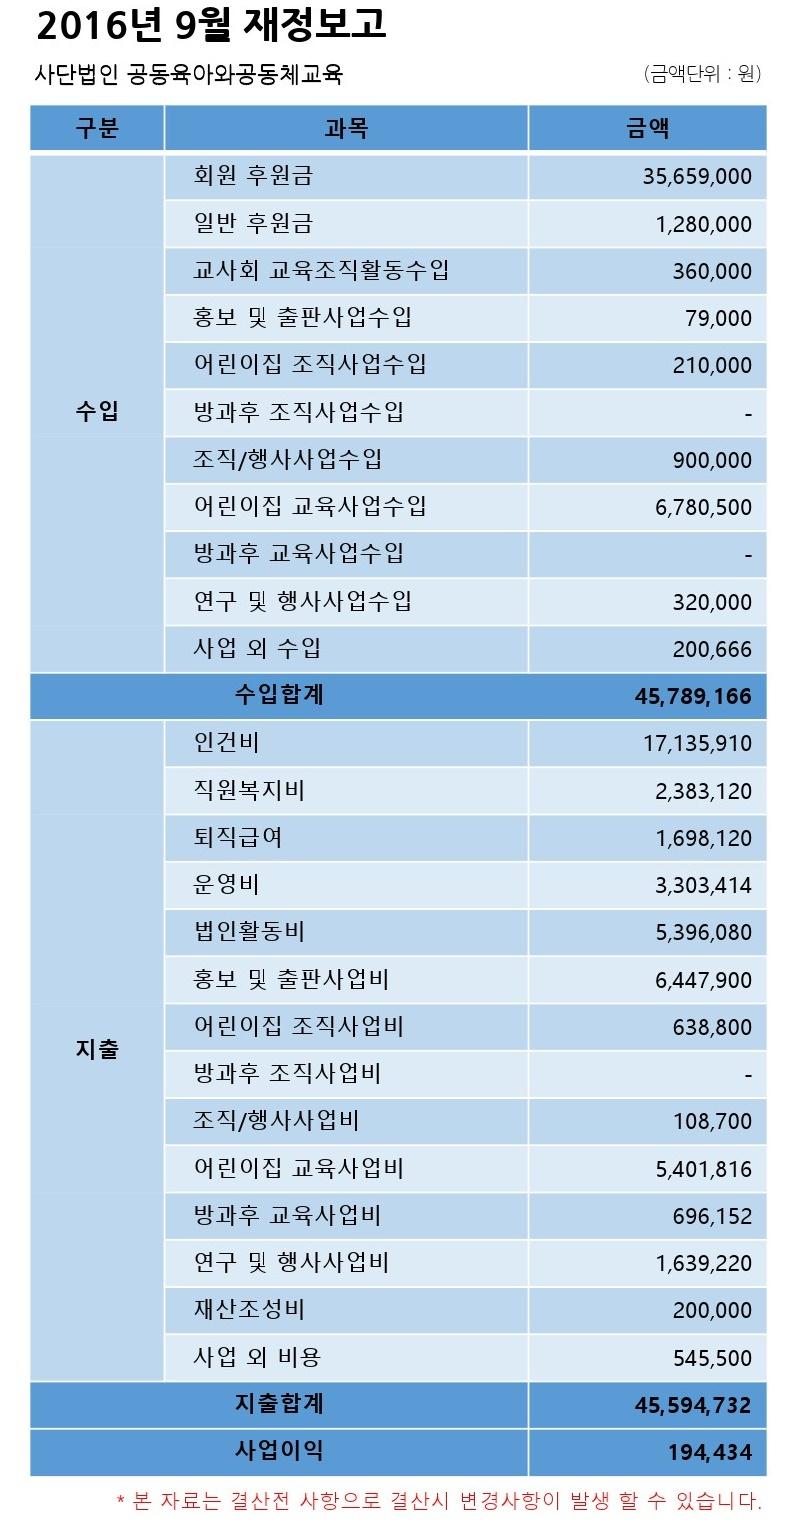 2016년 9월 결산_홈페이지공지용.jpg